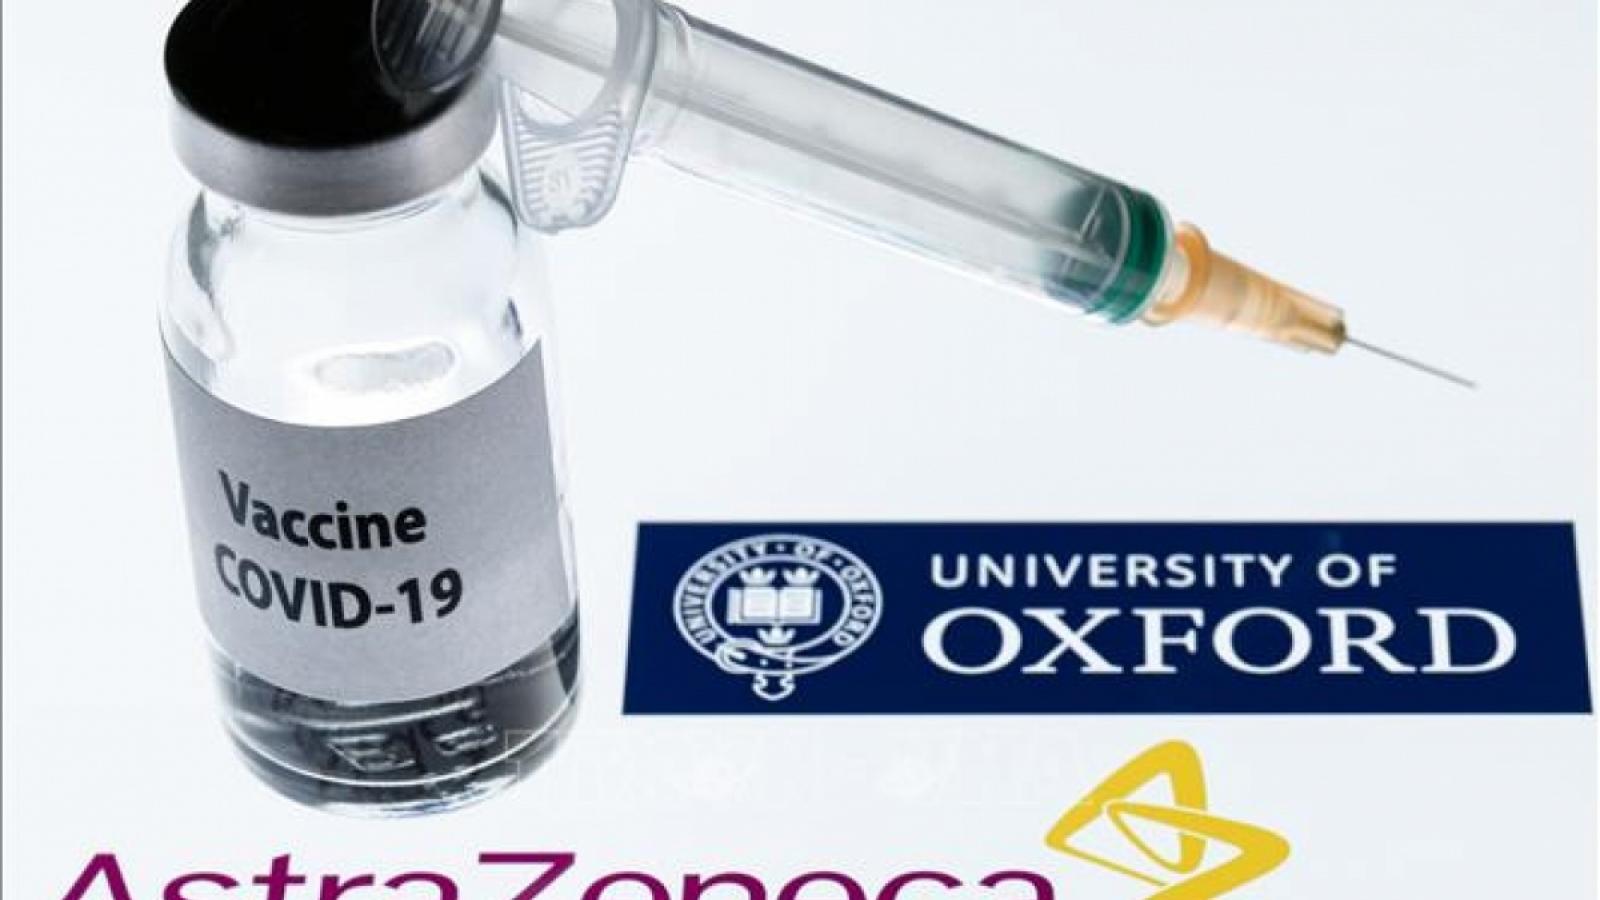 Anh cung cấp hàng chục triệu liều vaccine ngừa COVID-19 trong 3 tháng tới